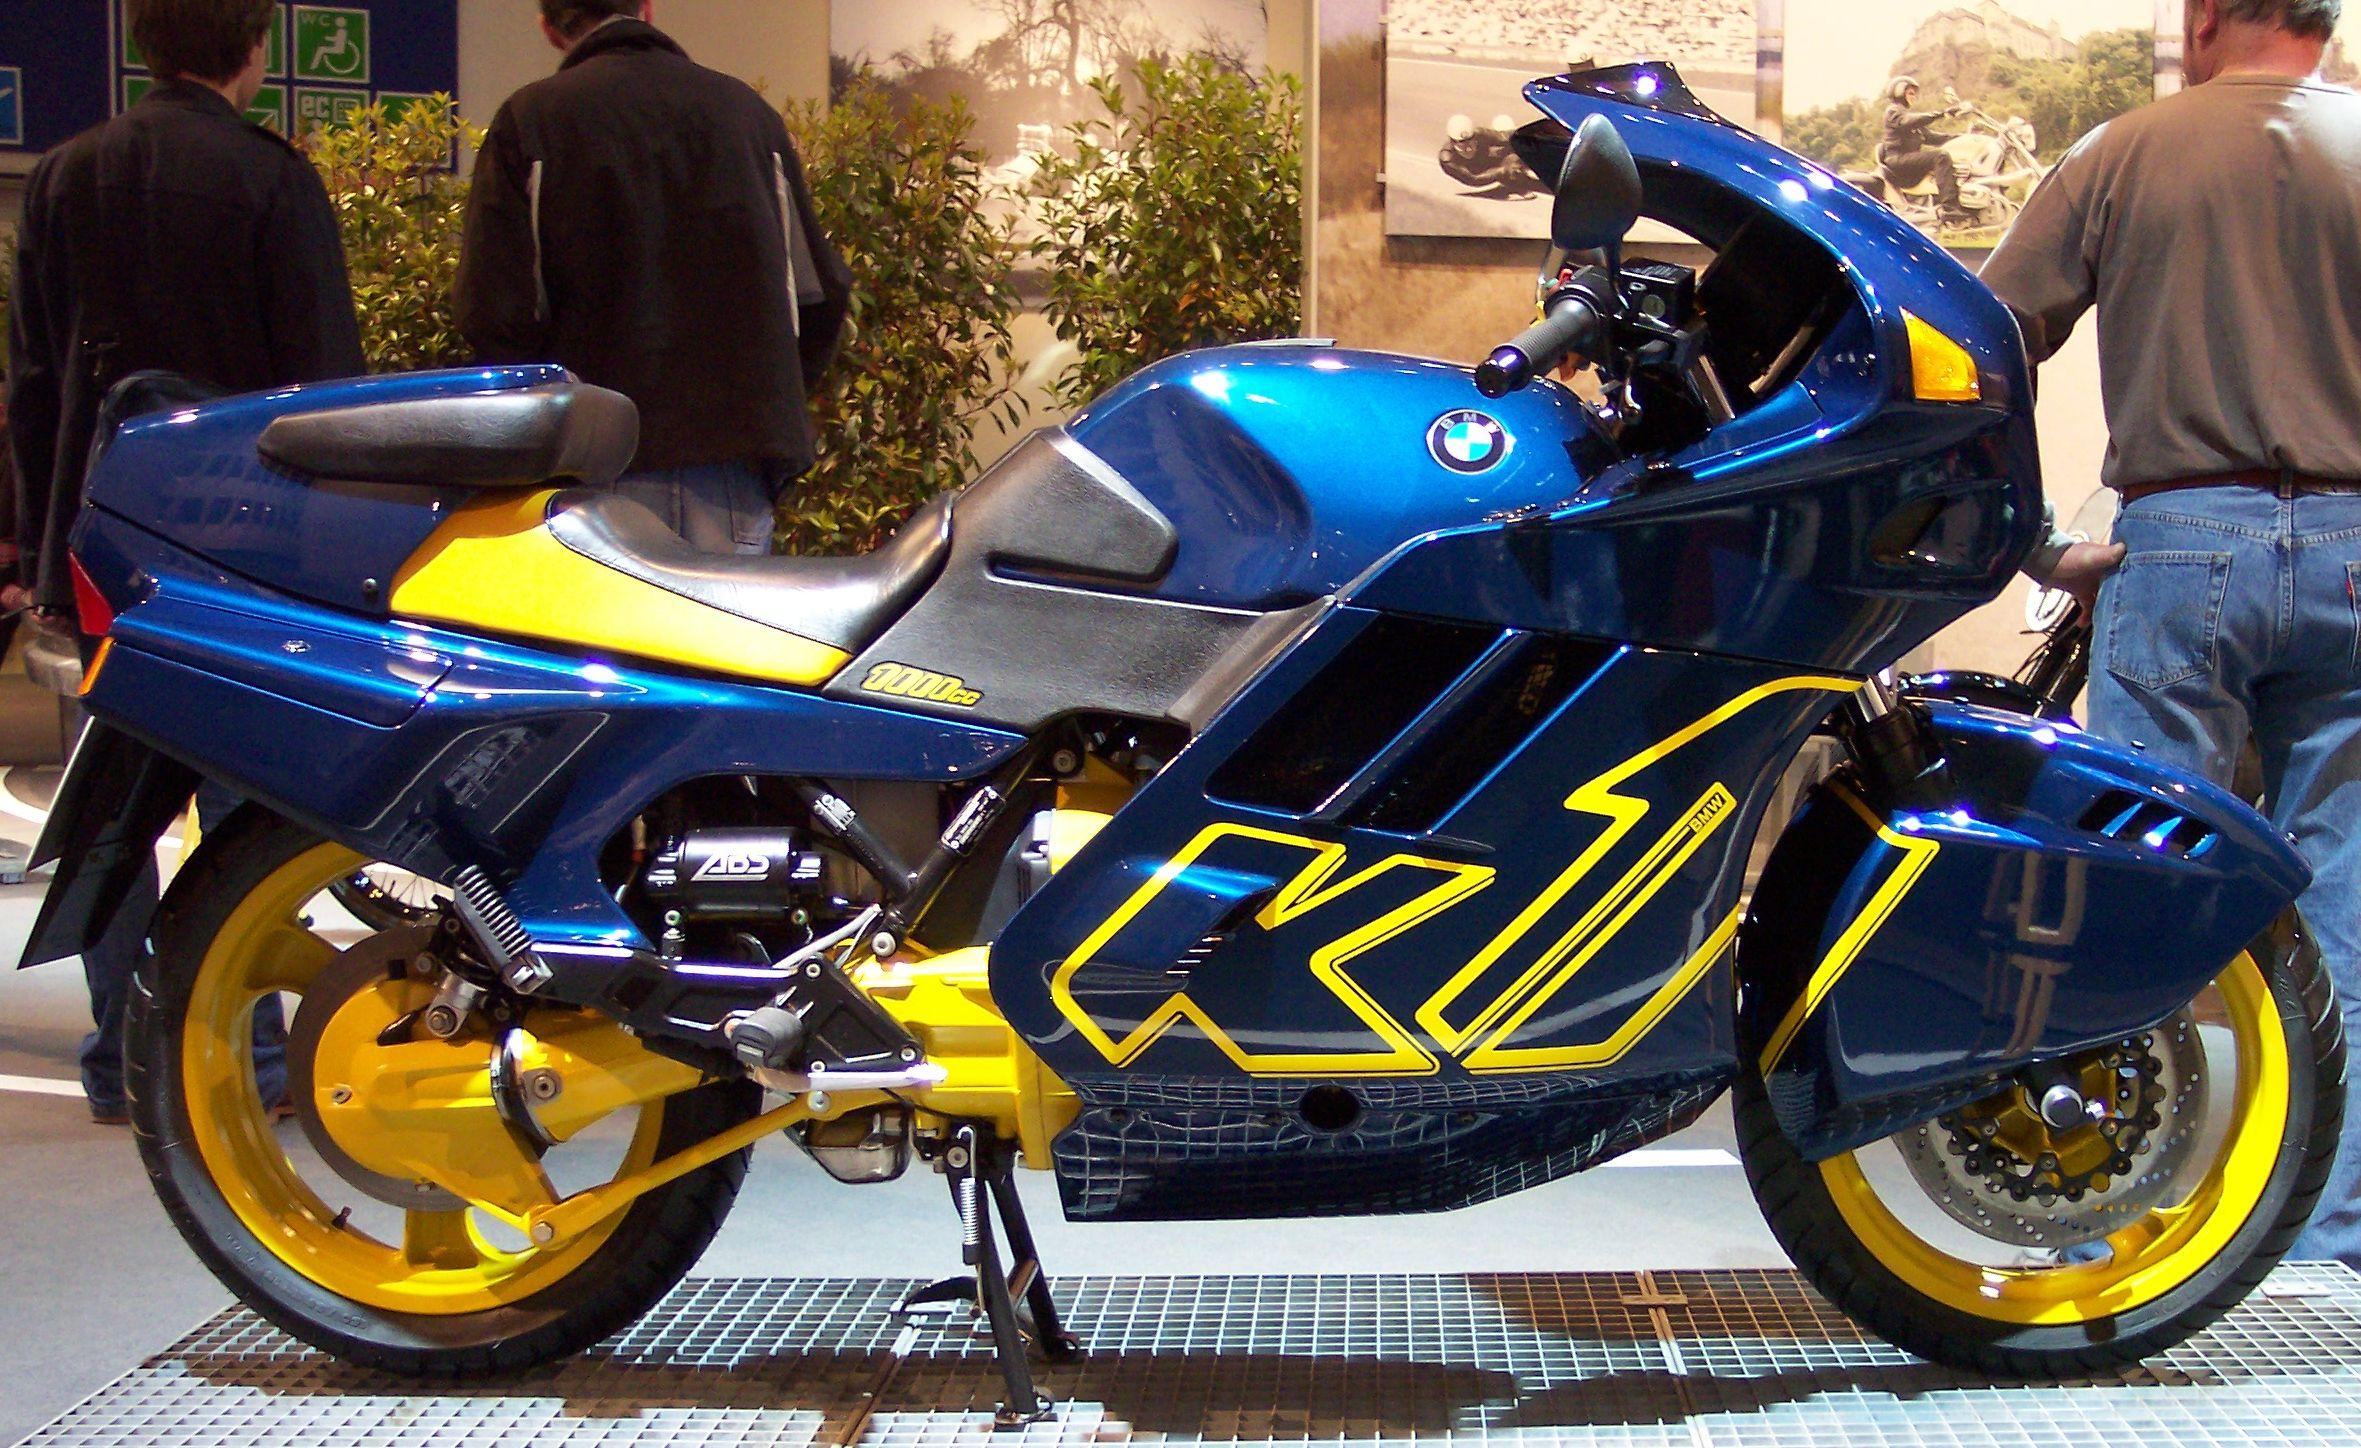 Description BMW K1 blue 1993 r TCE.jpg